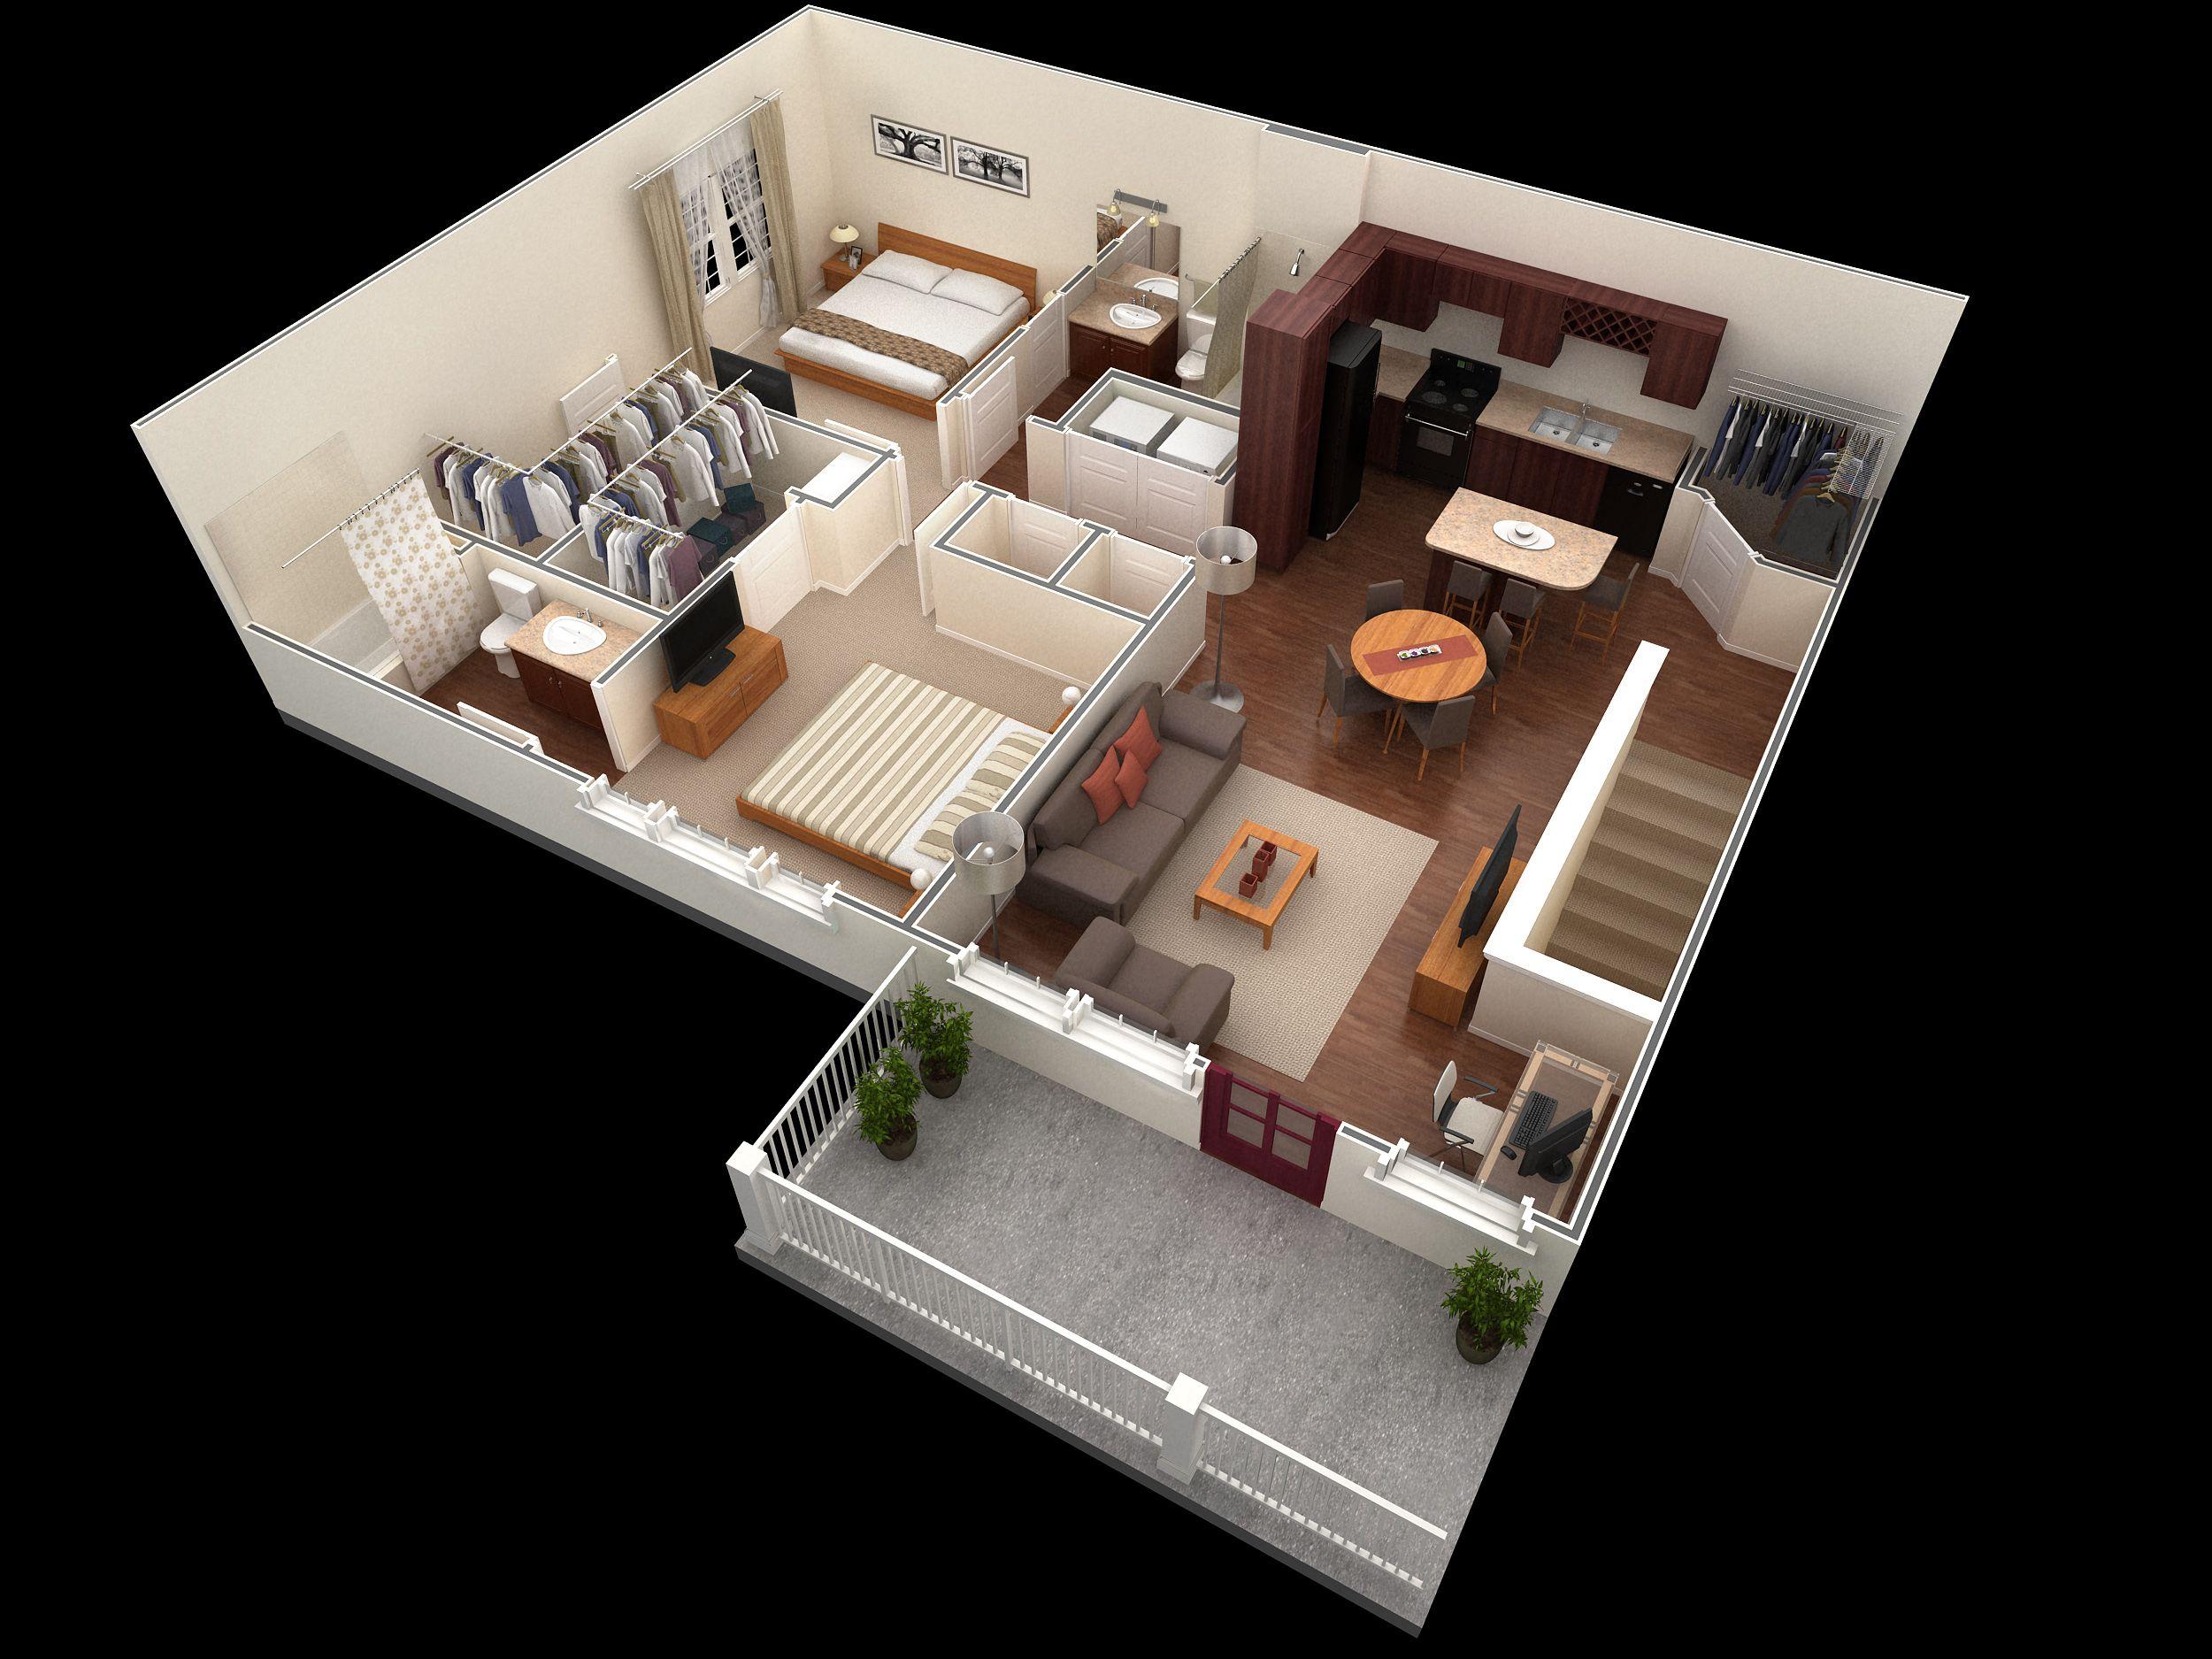 2 Bedroom Designer Overlook Apartment: 2 bedroom, 2 bath 1152 sf ...